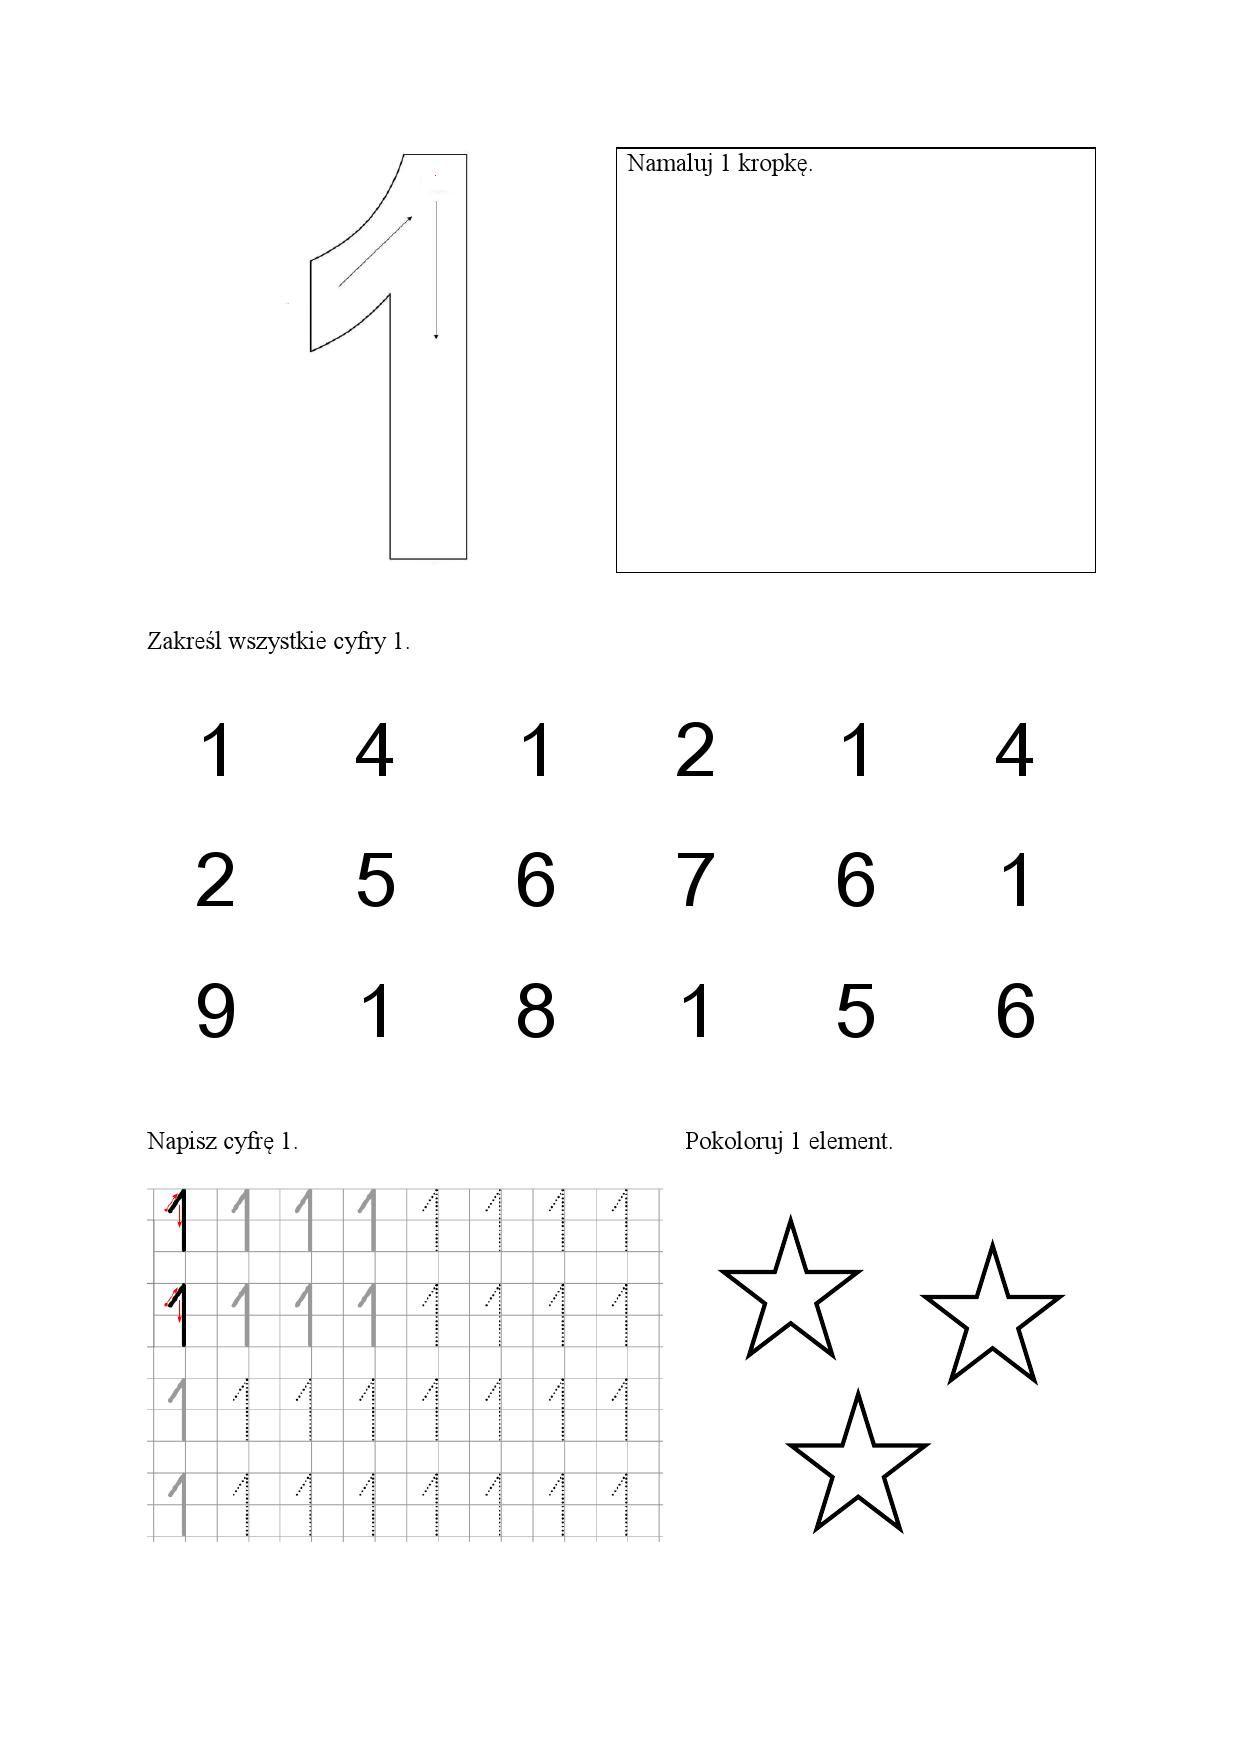 Matematyczne Karty Pracy Do Wykorzystania W Przedszkolu I Szkole Podstawowej Do Pobrania I Drukowania Za Darmo Pre Writing Preschool Worksheets Writing